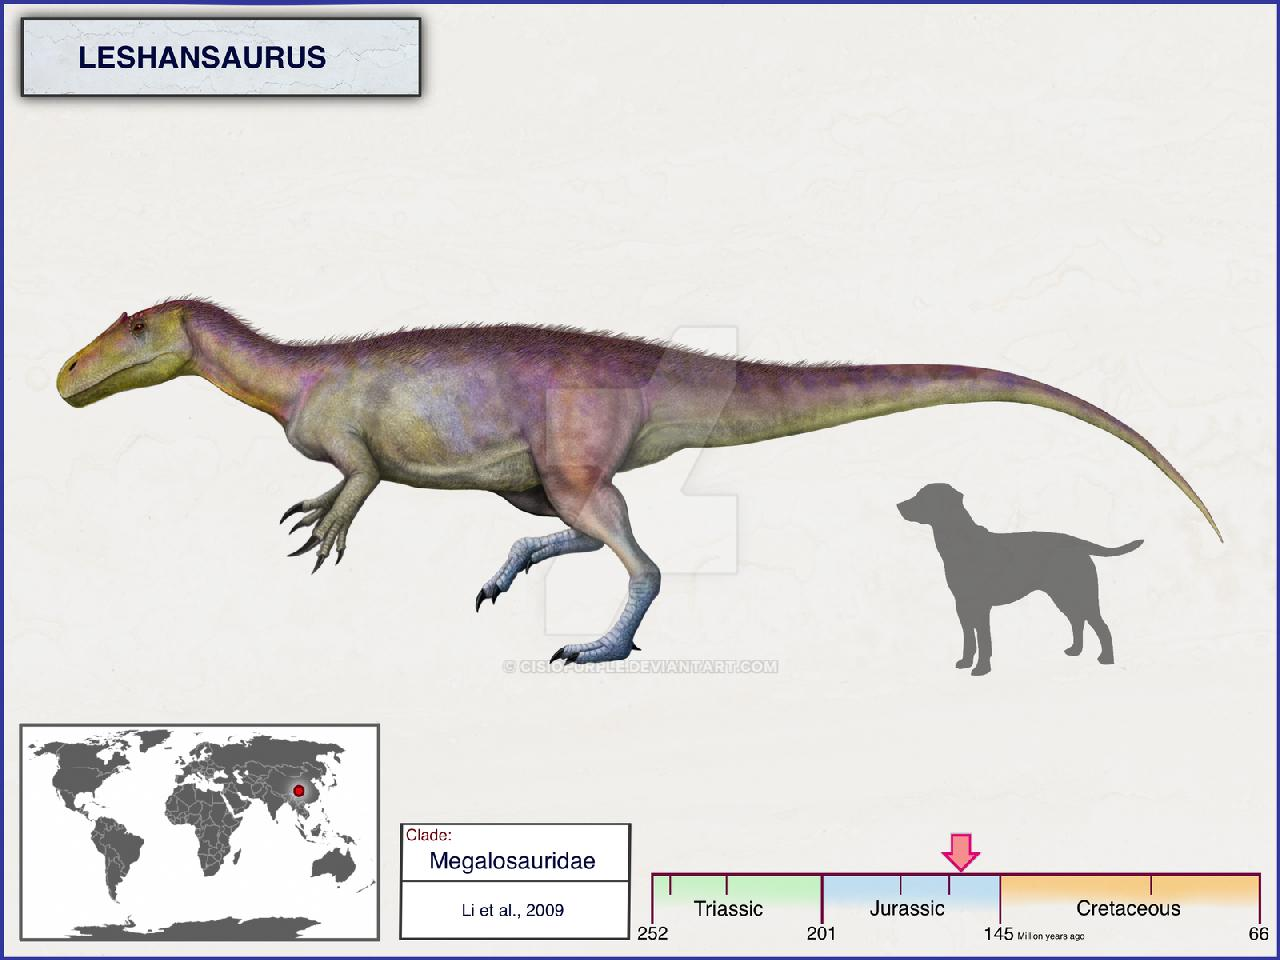 Leshansaurus